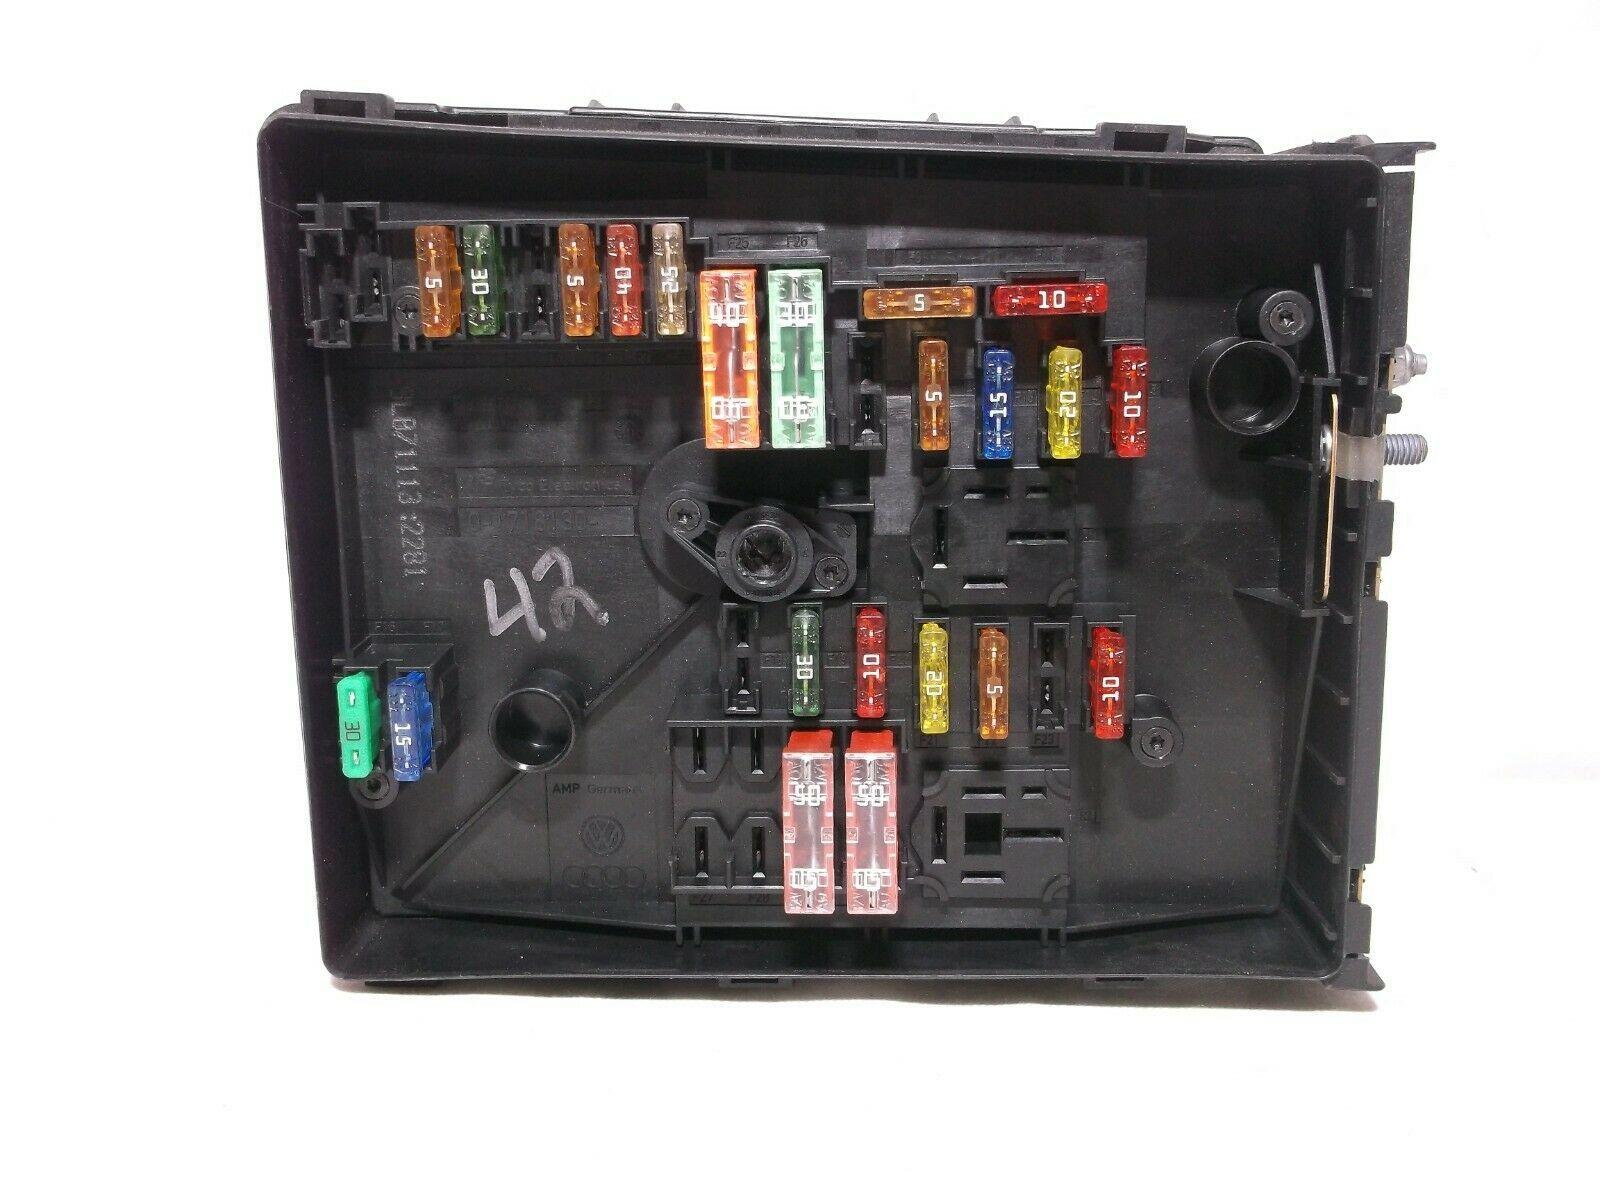 2011 volkswagen tiguan fuse box 09 10 11    volkswagen    vw    tiguan       fuse    relay    box    fuses  09 10 11    volkswagen    vw    tiguan       fuse    relay    box    fuses